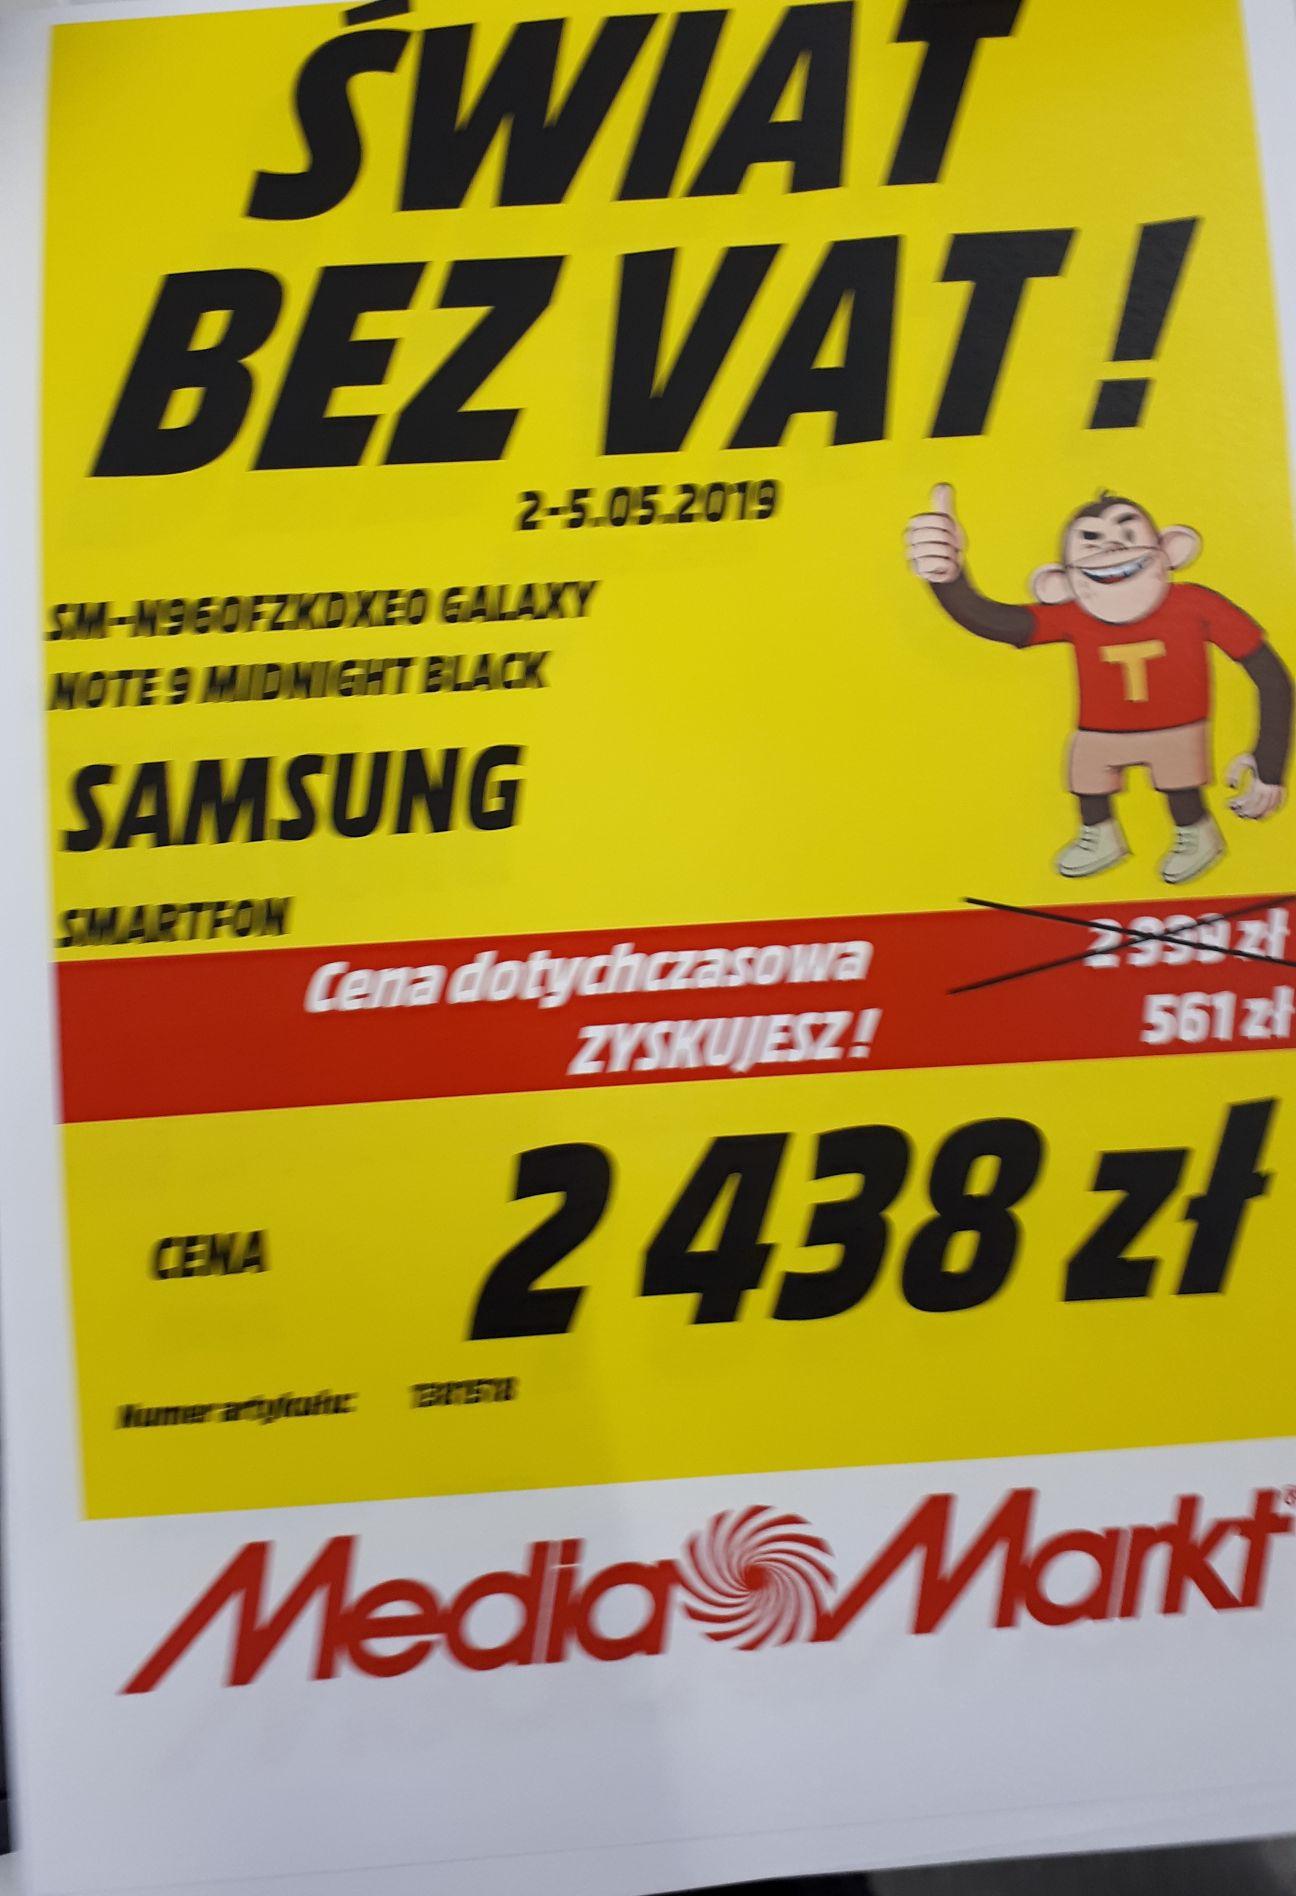 samsung note 9 media markt 2438 zł